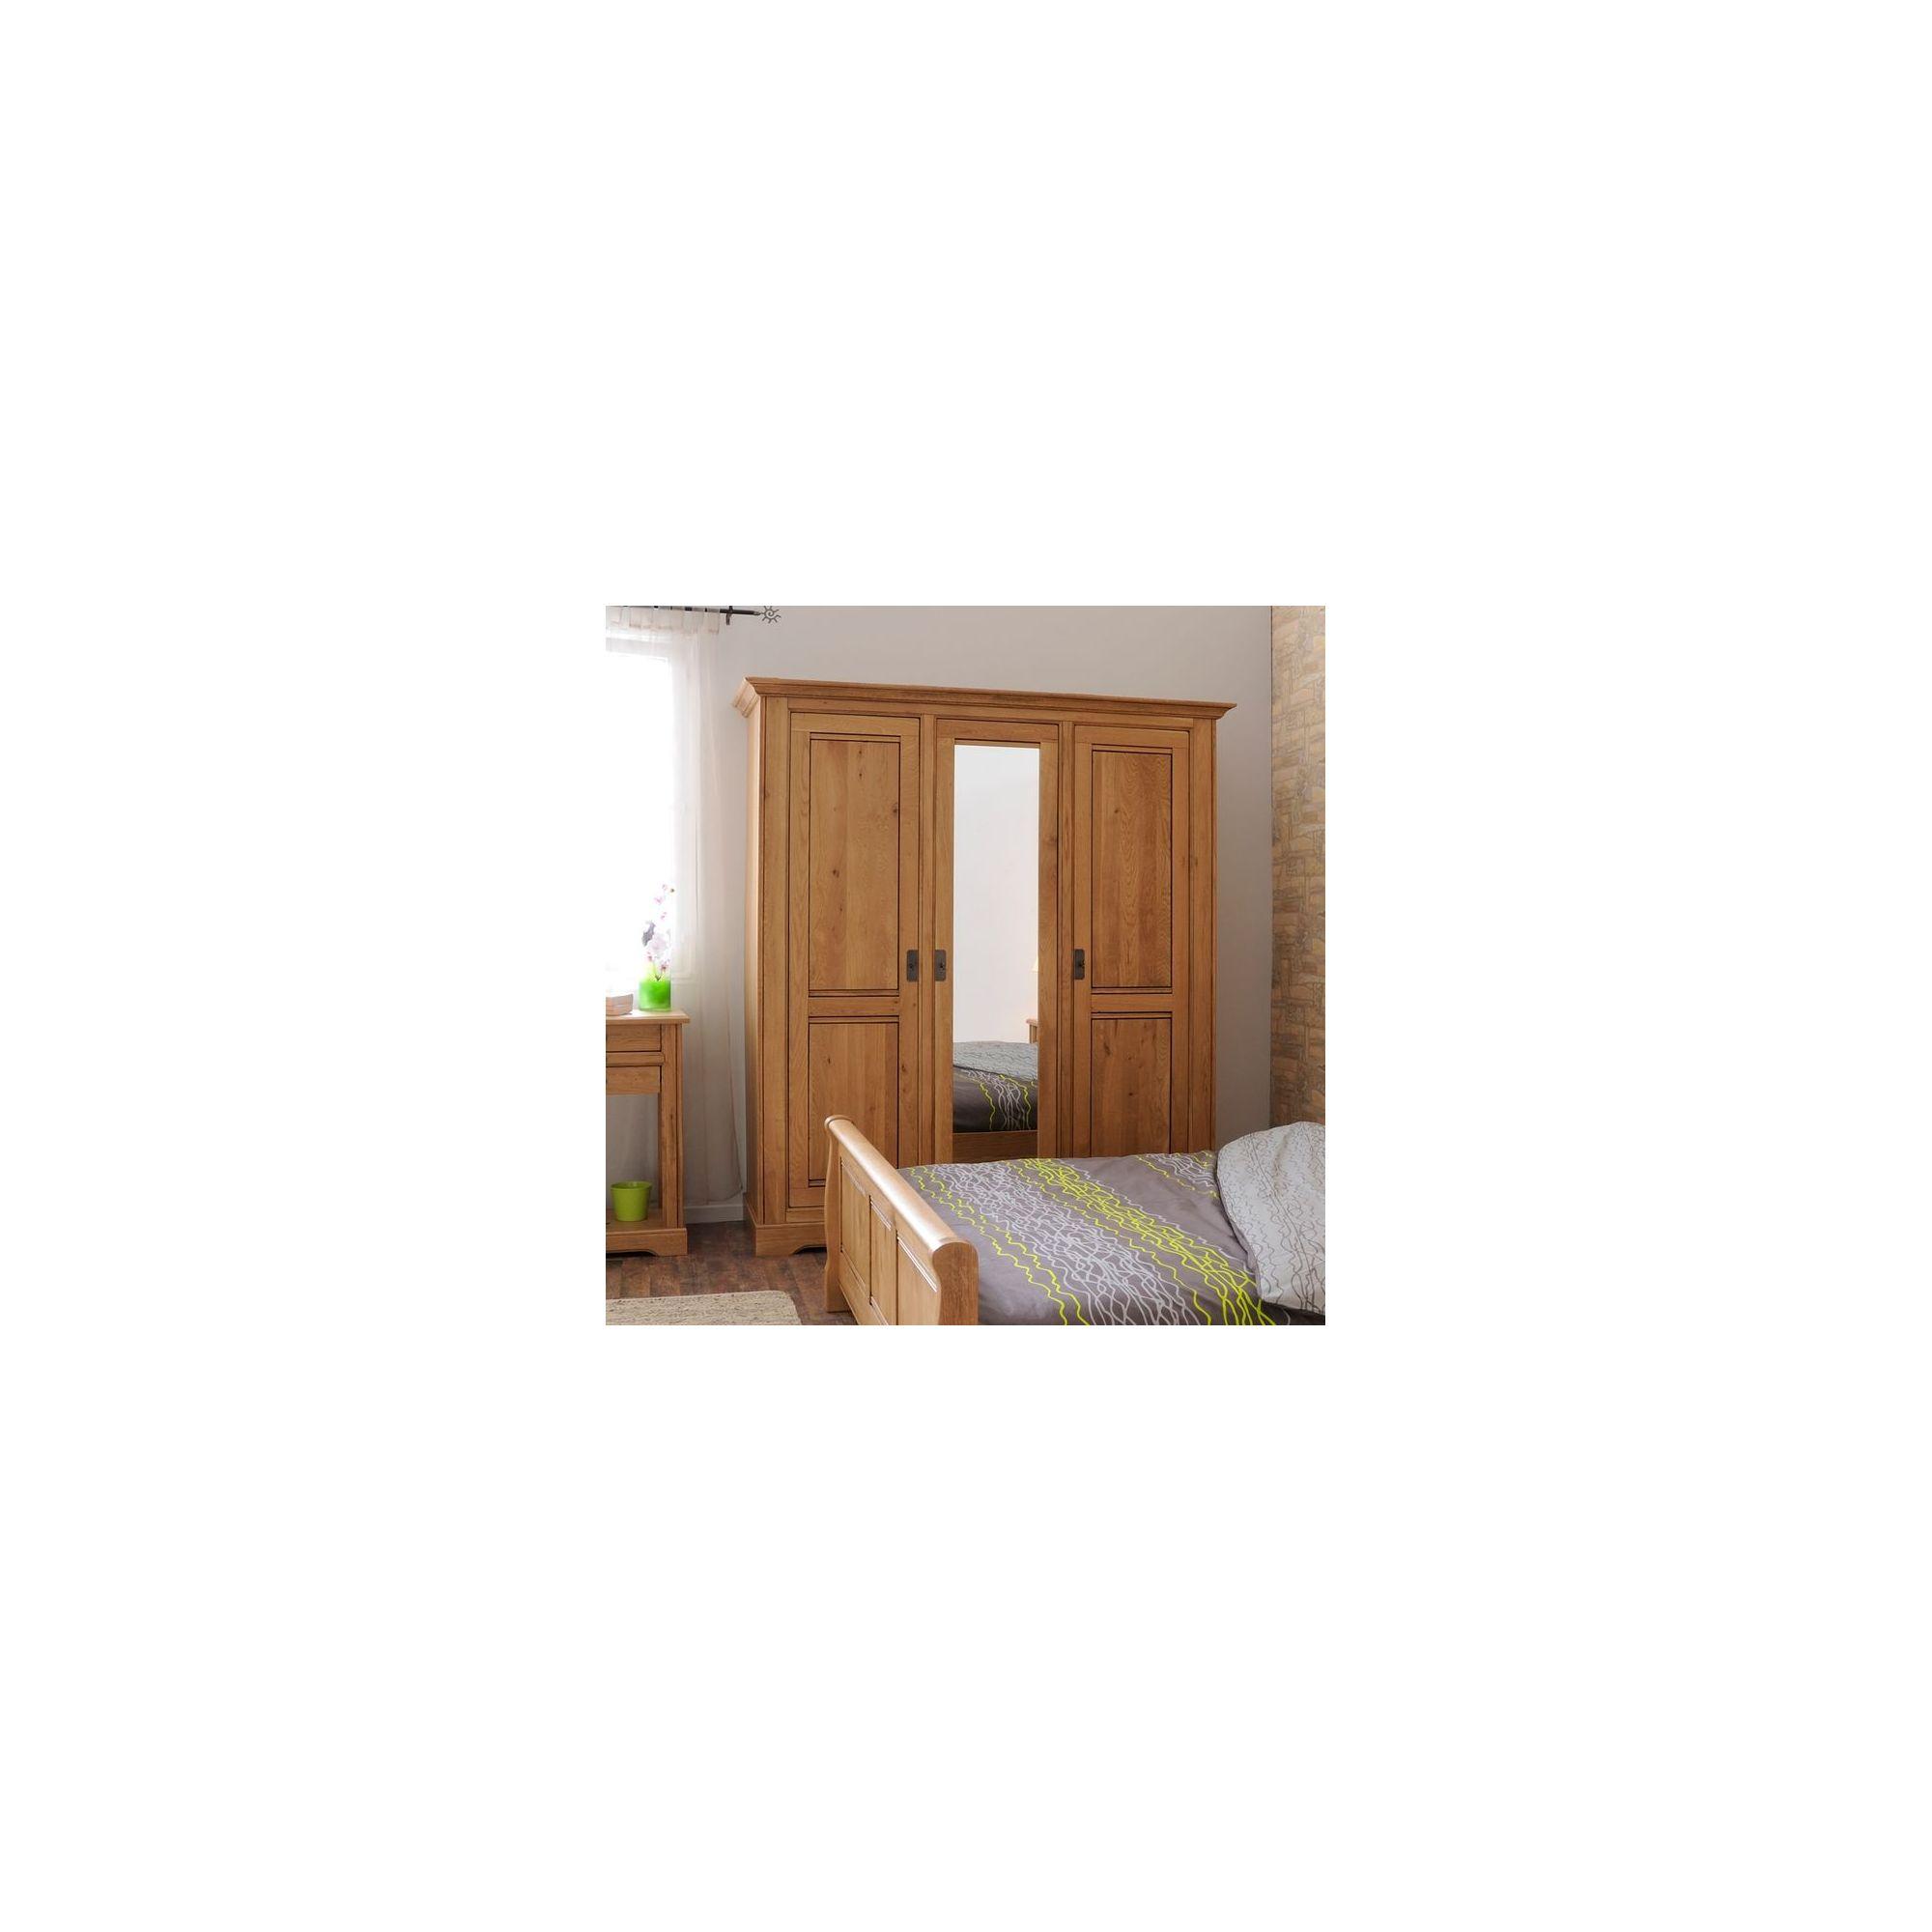 Parisot Artisane 3 Door Wardrobe at Tesco Direct